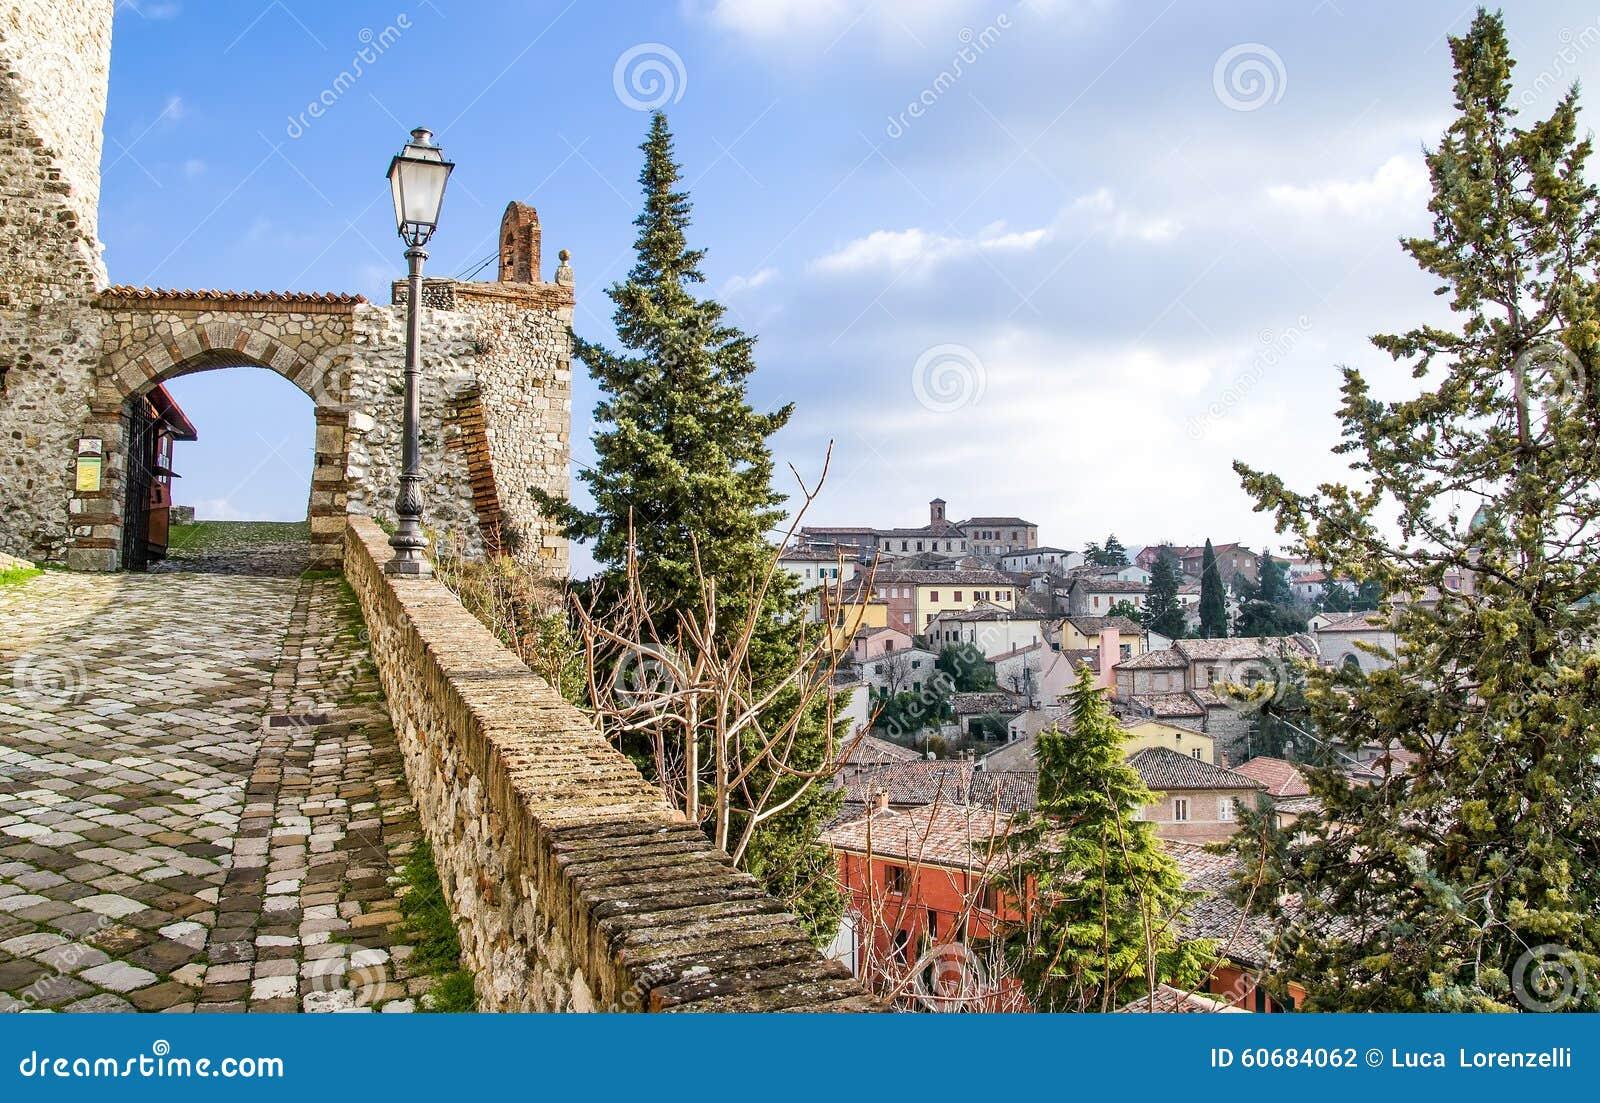 Reise Verucchio - Riminis - Emilia Romagnas - Italiens